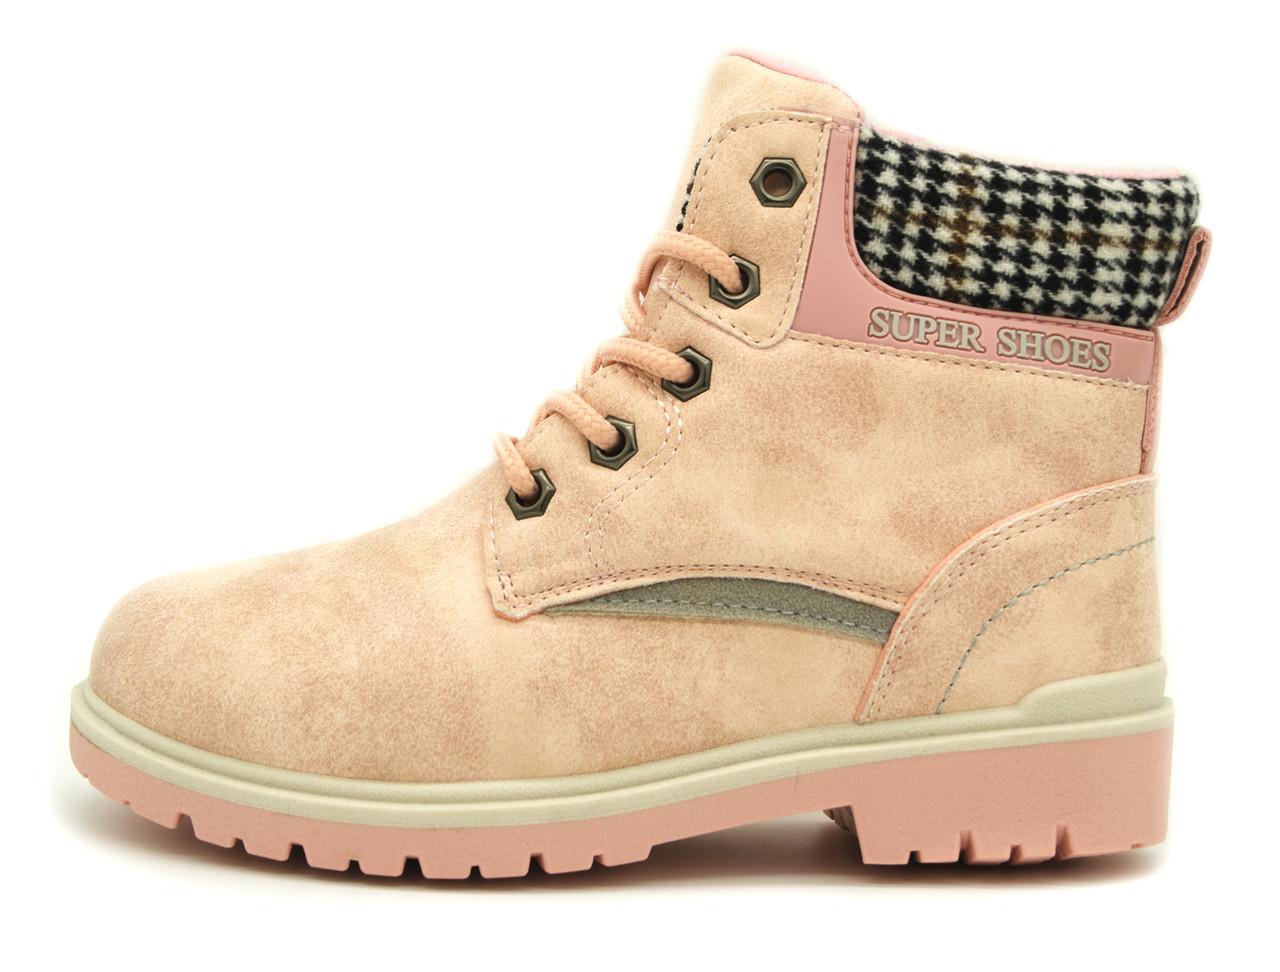 Ботинки Для девочек Розовый Размер: 31,32,36